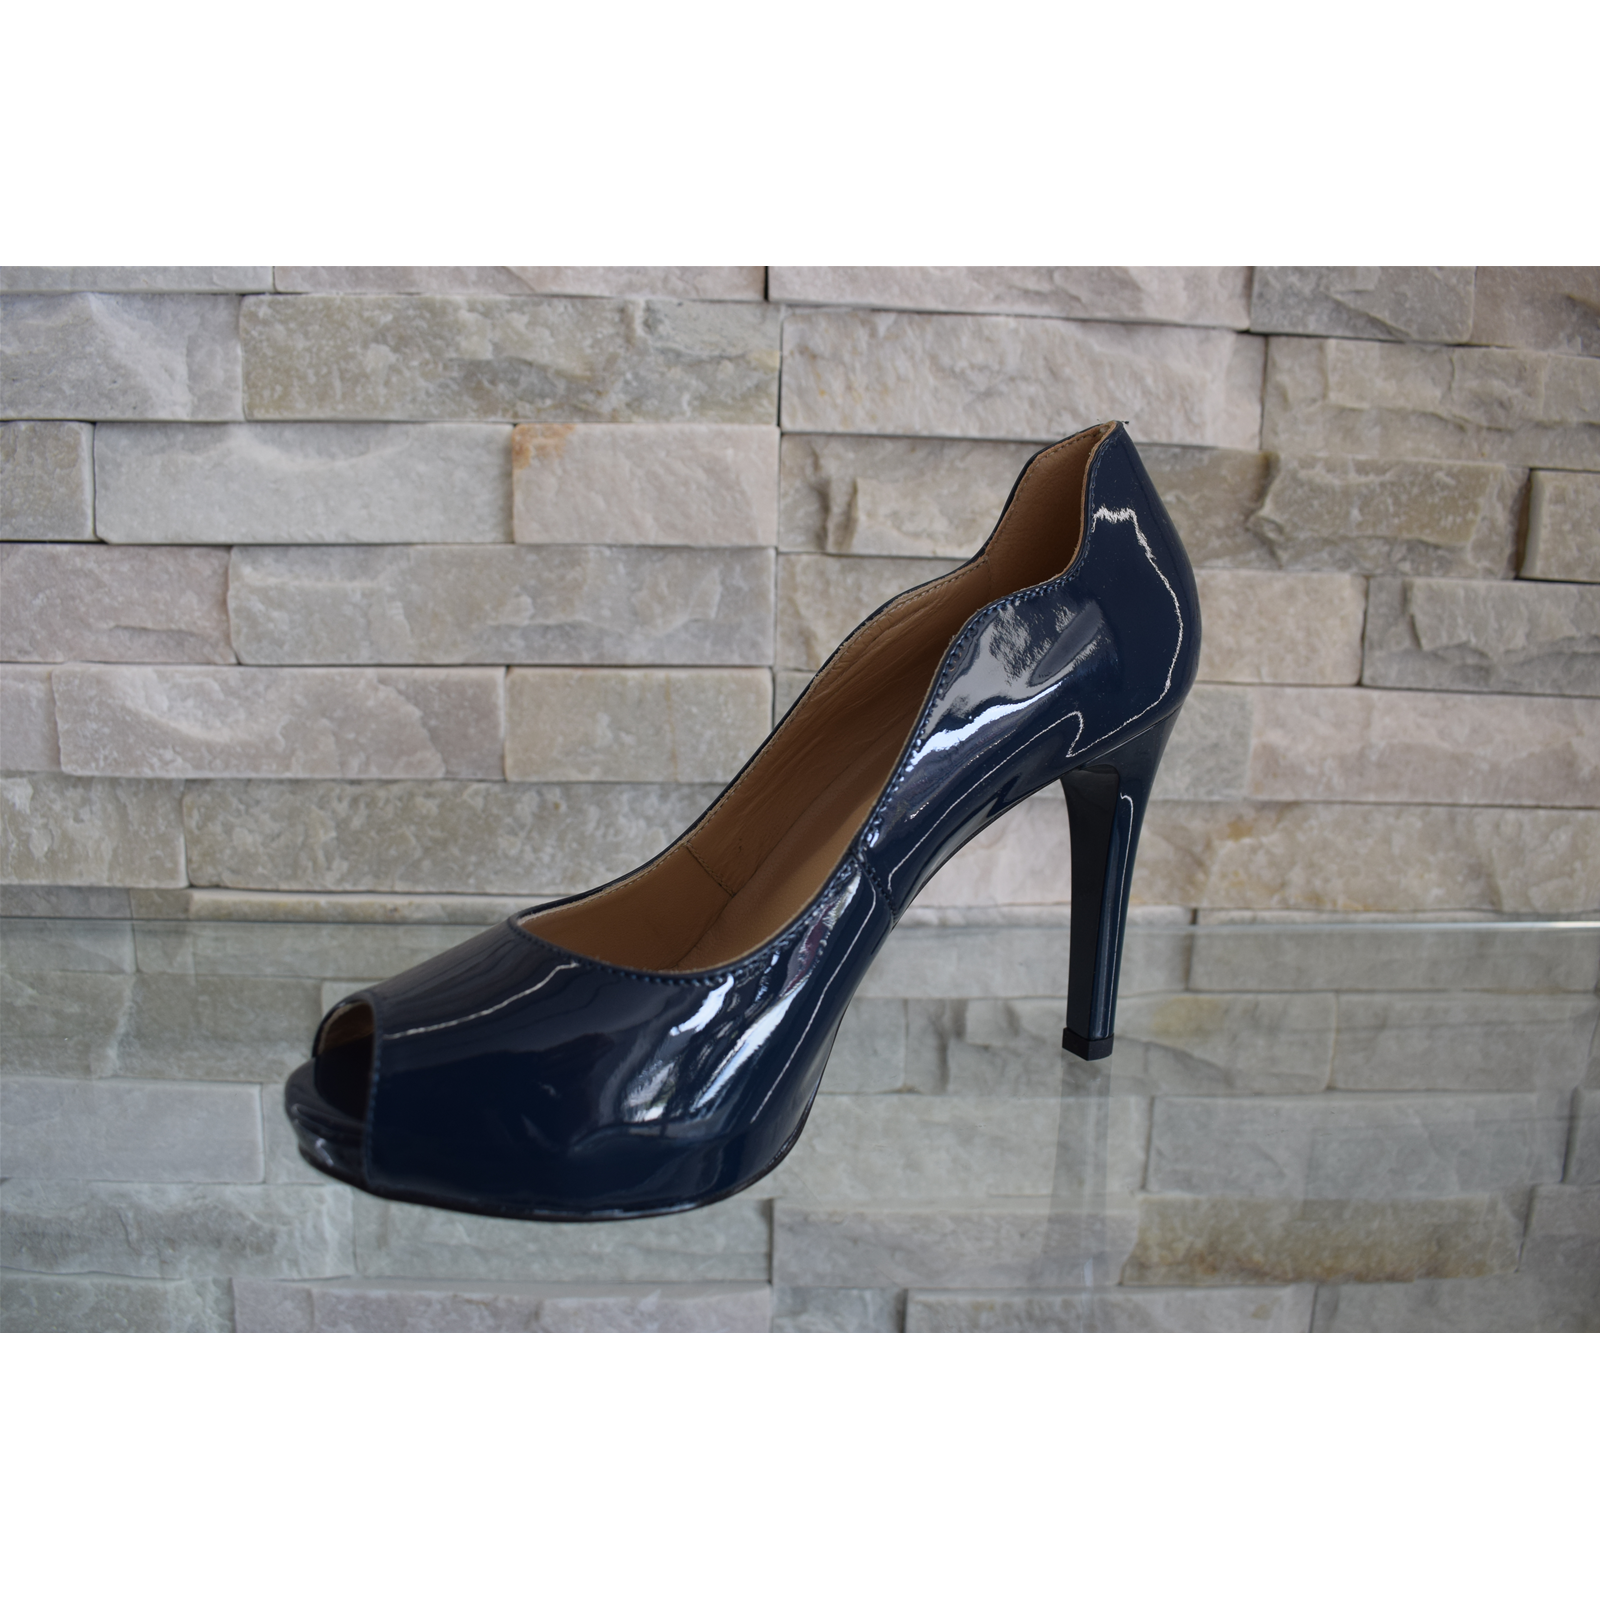 Scarpe decollette nero giardini donna p717383de 200 listino 129 50 ebay - Ebay scarpe nero giardini ...